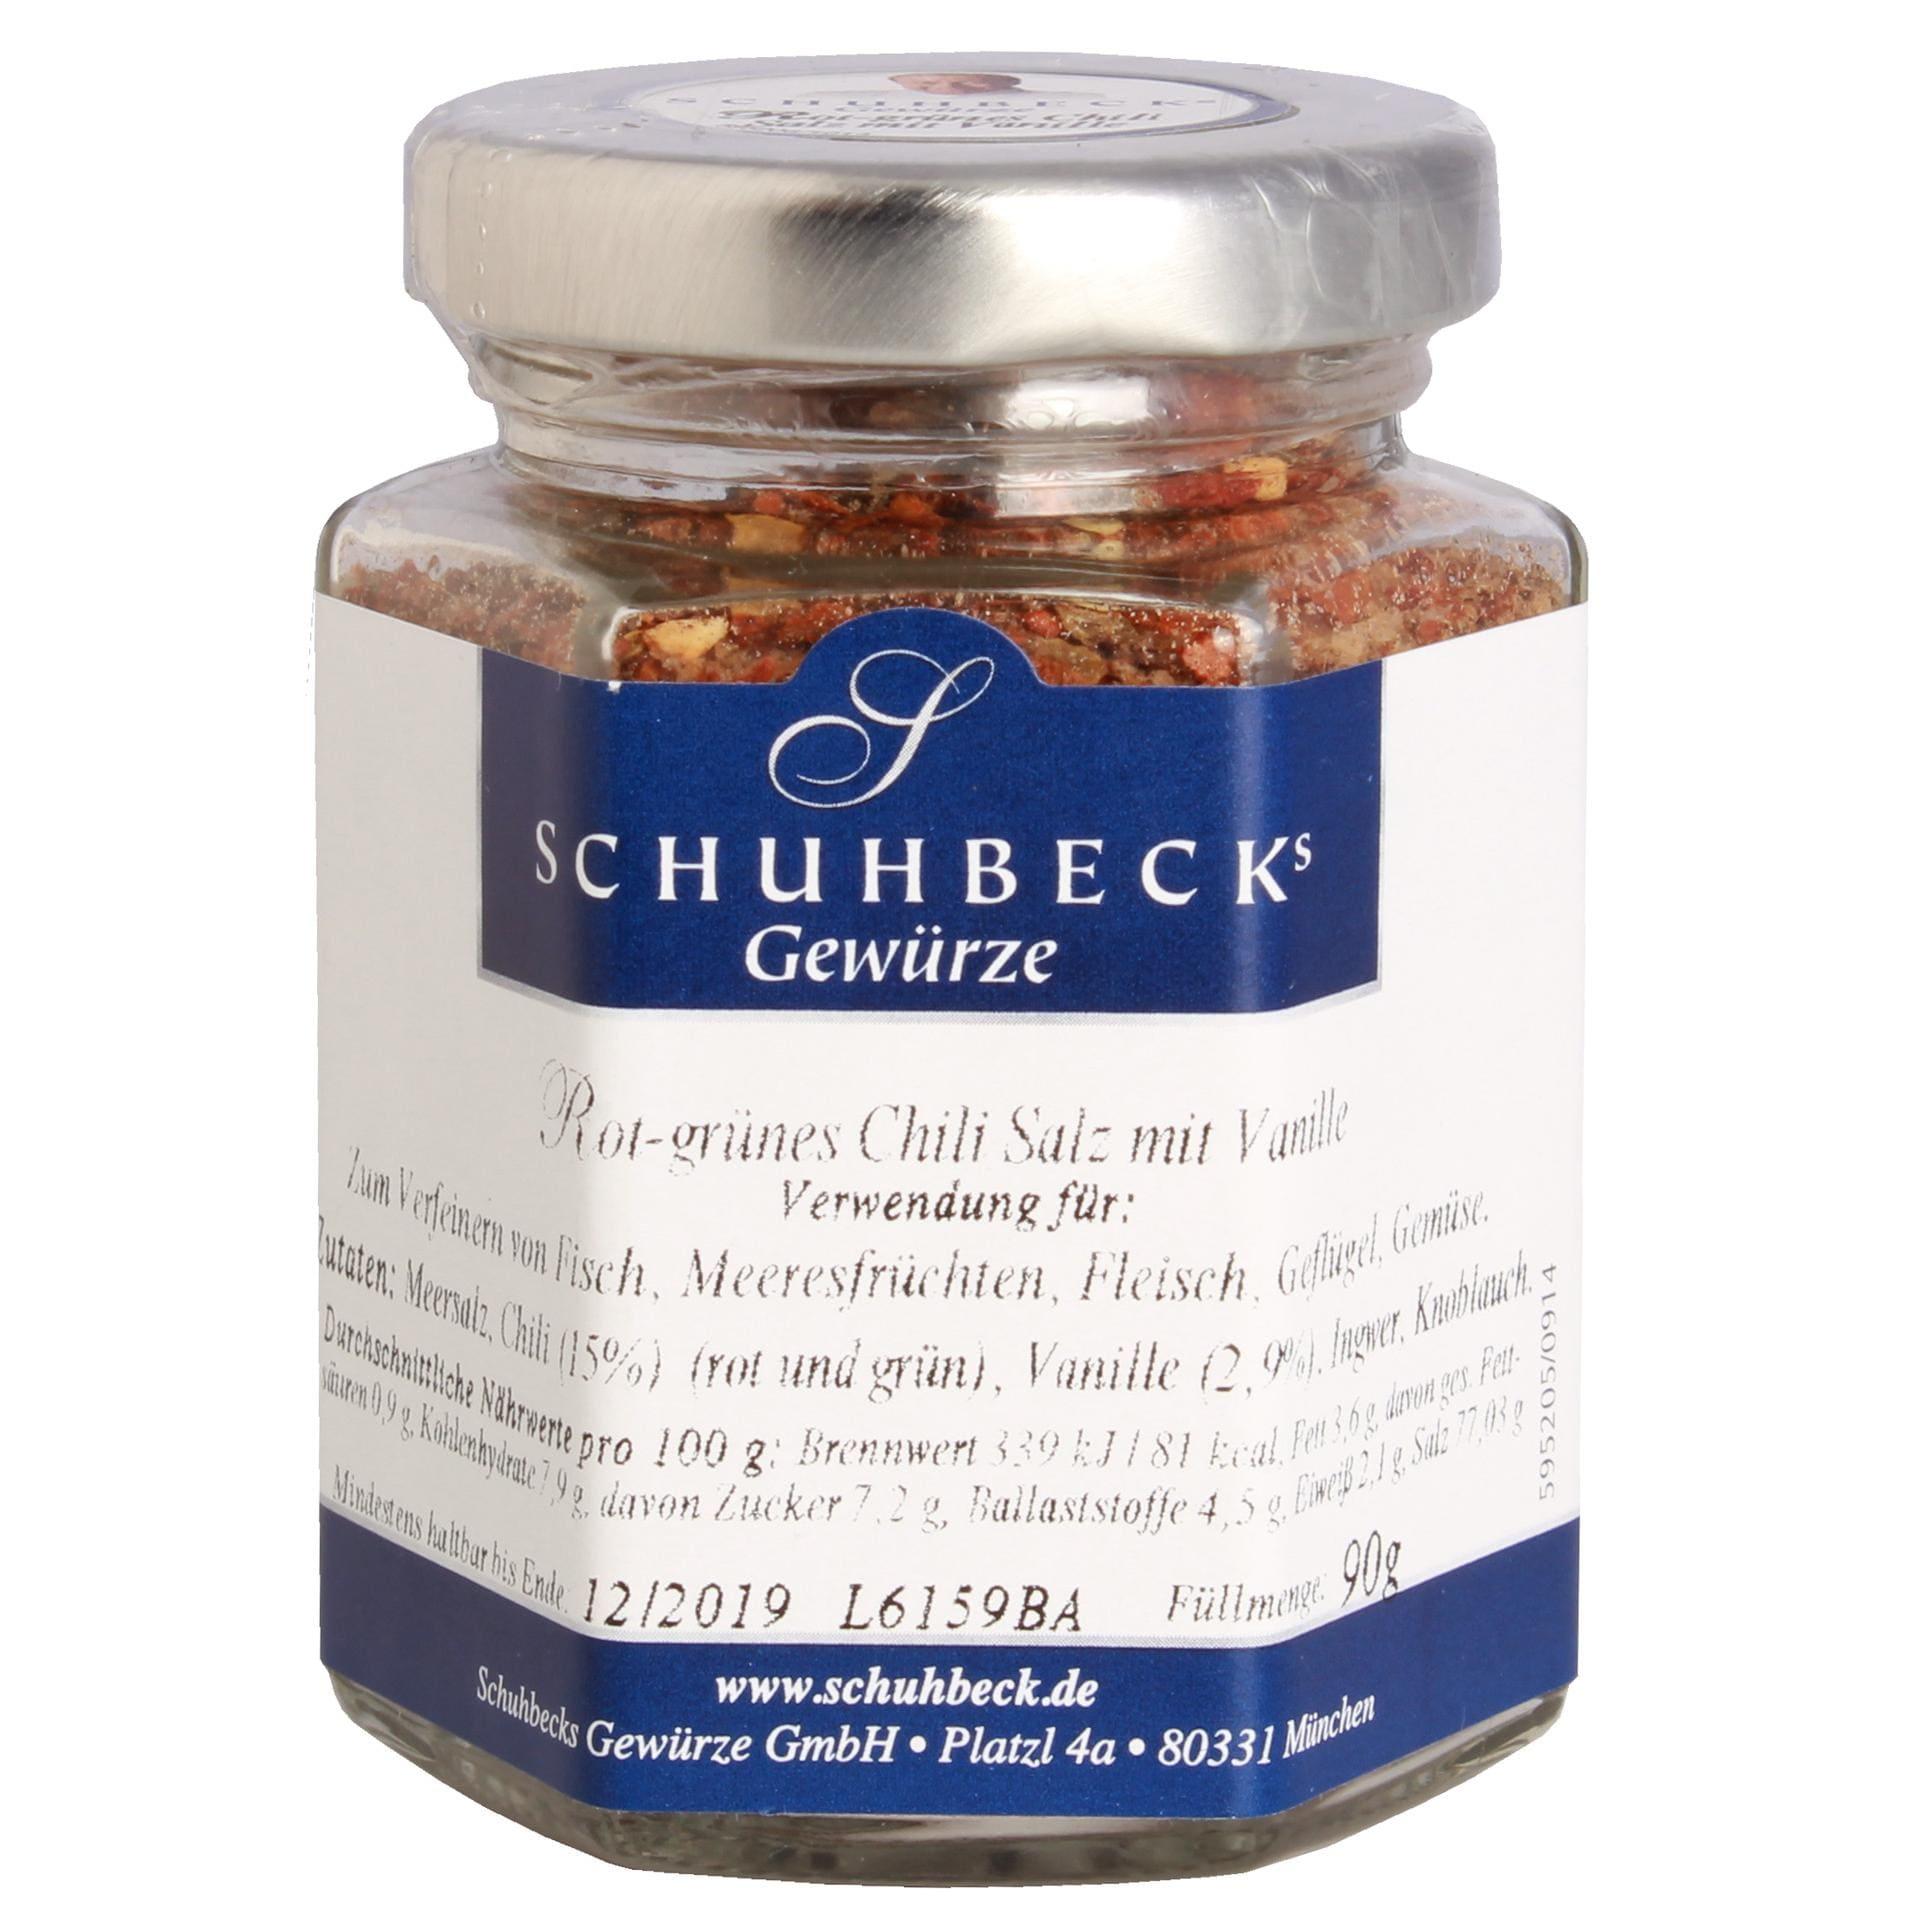 Schuhbecks - Rot-grünes Chili Salz mit Vanille - 90g